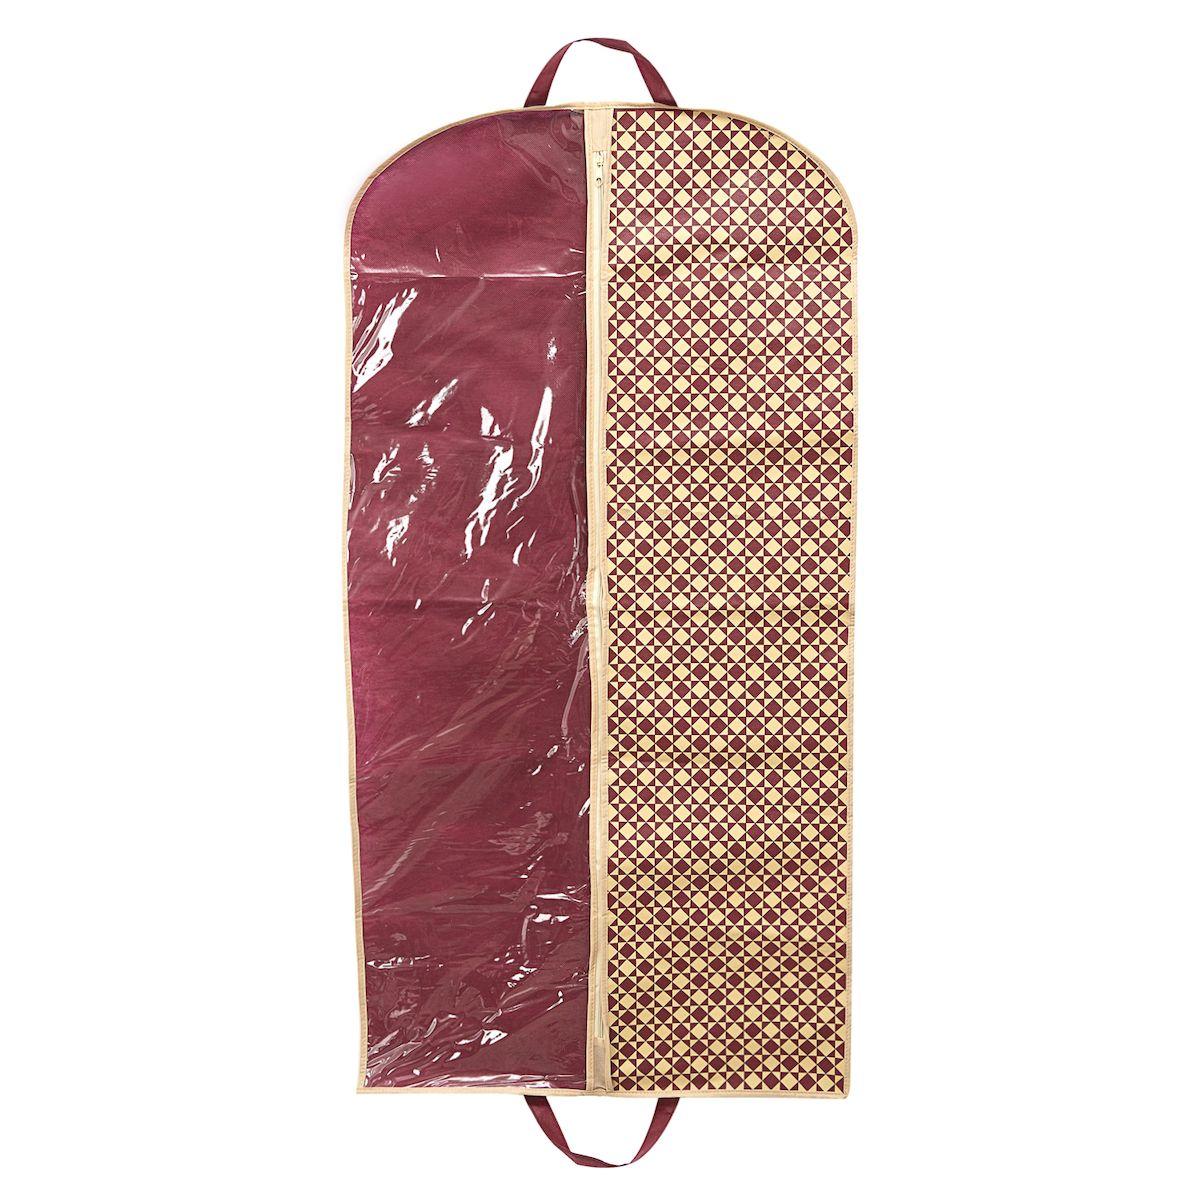 Чехол для одежды Homsu Bordo, подвесной, с прозрачной вставкой, 120 х 60 см74-0060Подвесной чехол для одежды Homsu Bordo на застежке-молнии выполнен из высококачественного нетканого материала. Чехол снабжен прозрачной вставкой из ПВХ, что позволяет легко просматривать содержимое. Изделие подходит для длительного хранения вещей.Чехол обеспечит вашей одежде надежную защиту от влажности, повреждений и грязи при транспортировке, от запыления при хранении и проникновения моли. Чехол позволяет воздуху свободно поступать внутрь вещей, обеспечивая их кондиционирование. Это особенно важно при хранении кожаных и меховых изделий.Чехол для одежды Homsu Bordo создаст уютную атмосферу в гардеробе. Лаконичный дизайн придется по вкусу ценительницам эстетичного хранения и сделают вашу гардеробную изысканной и невероятно стильной.Размер чехла: 120 х 60 см.